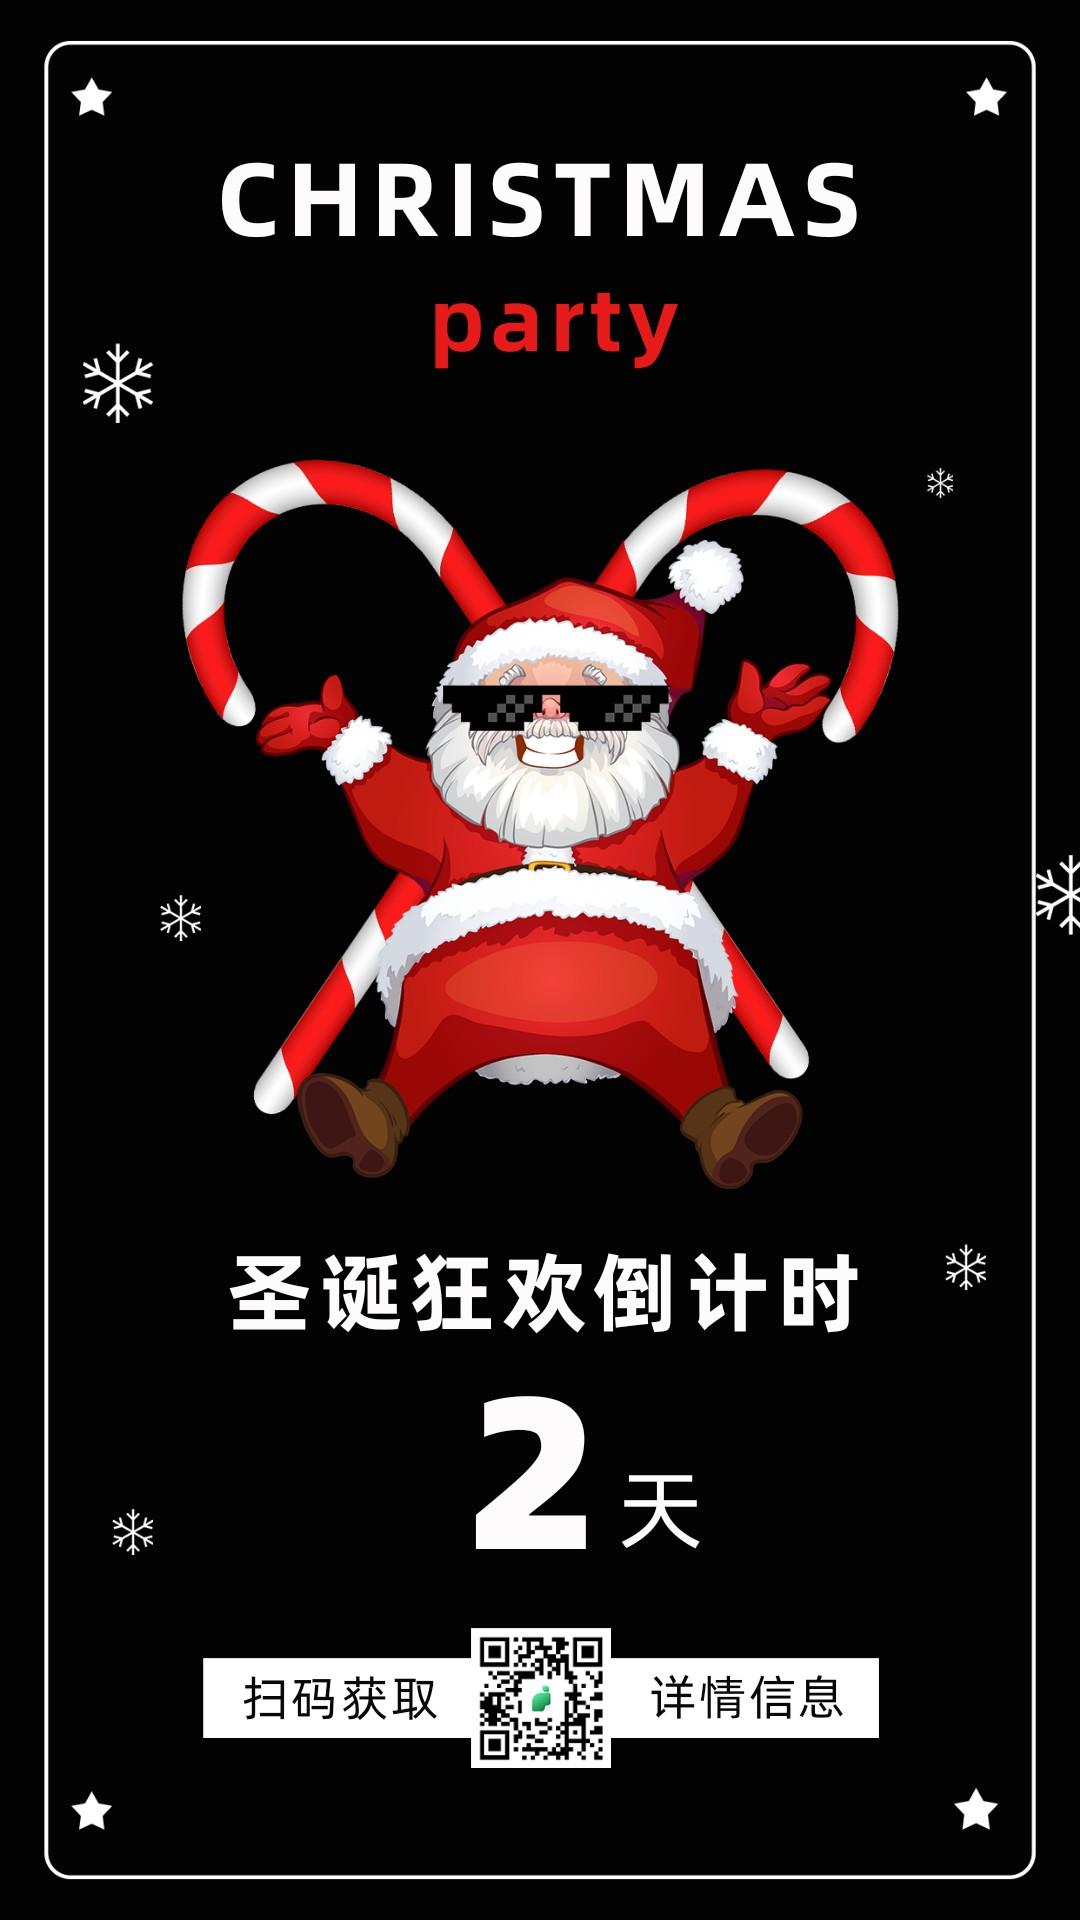 黑金圣诞倒计时